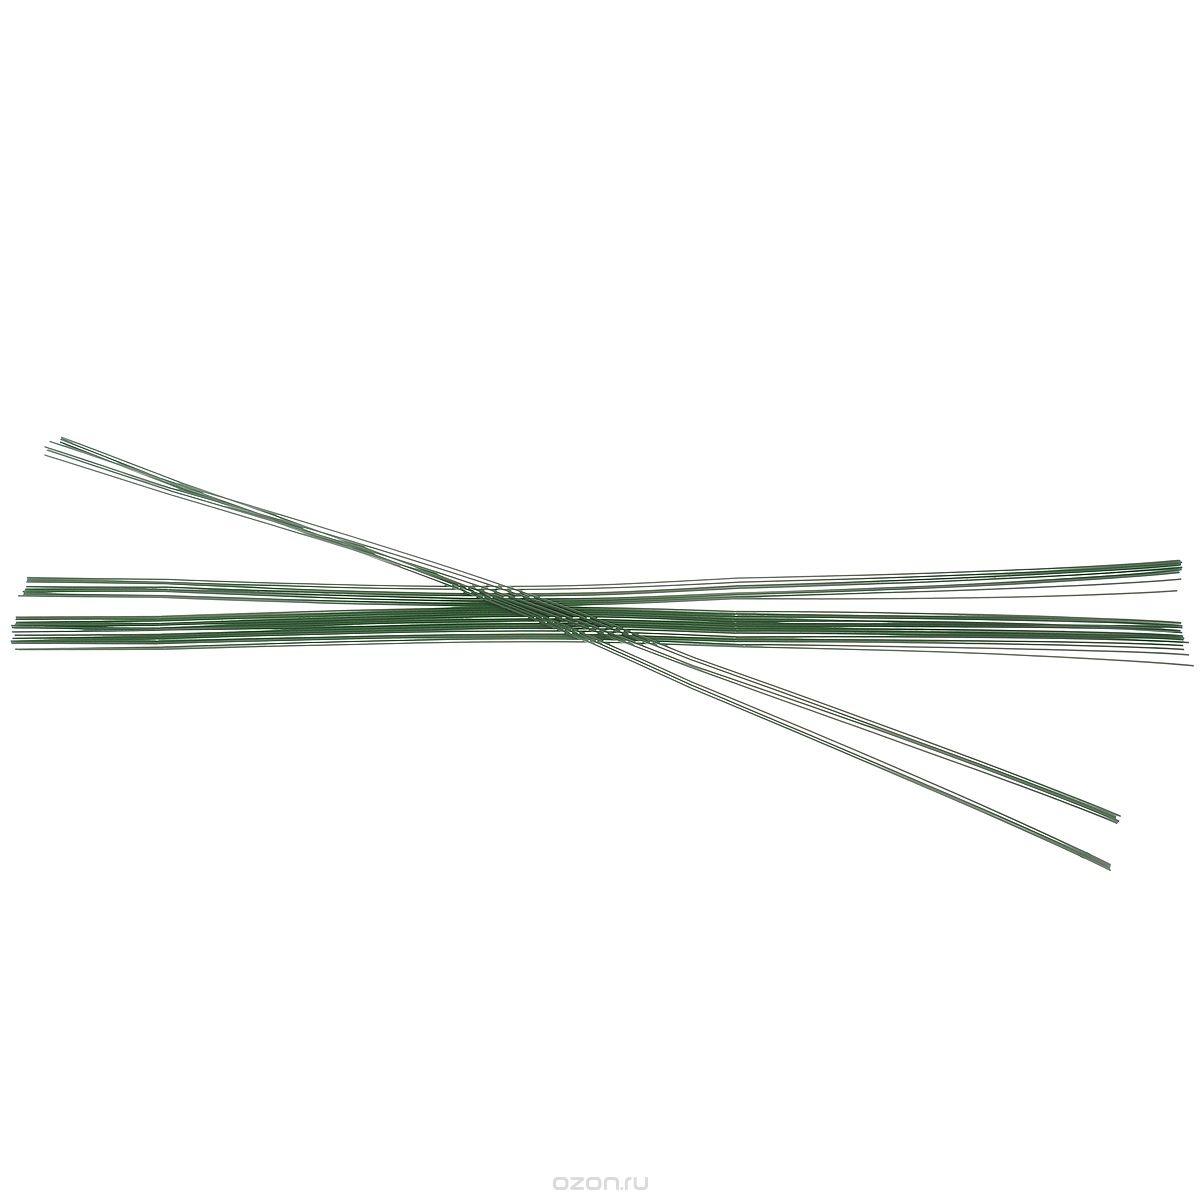 Проволока для флористики Glorex Hobby Time, зеленая, диаметр 0,6 мм, длина 30 см, 65 шт